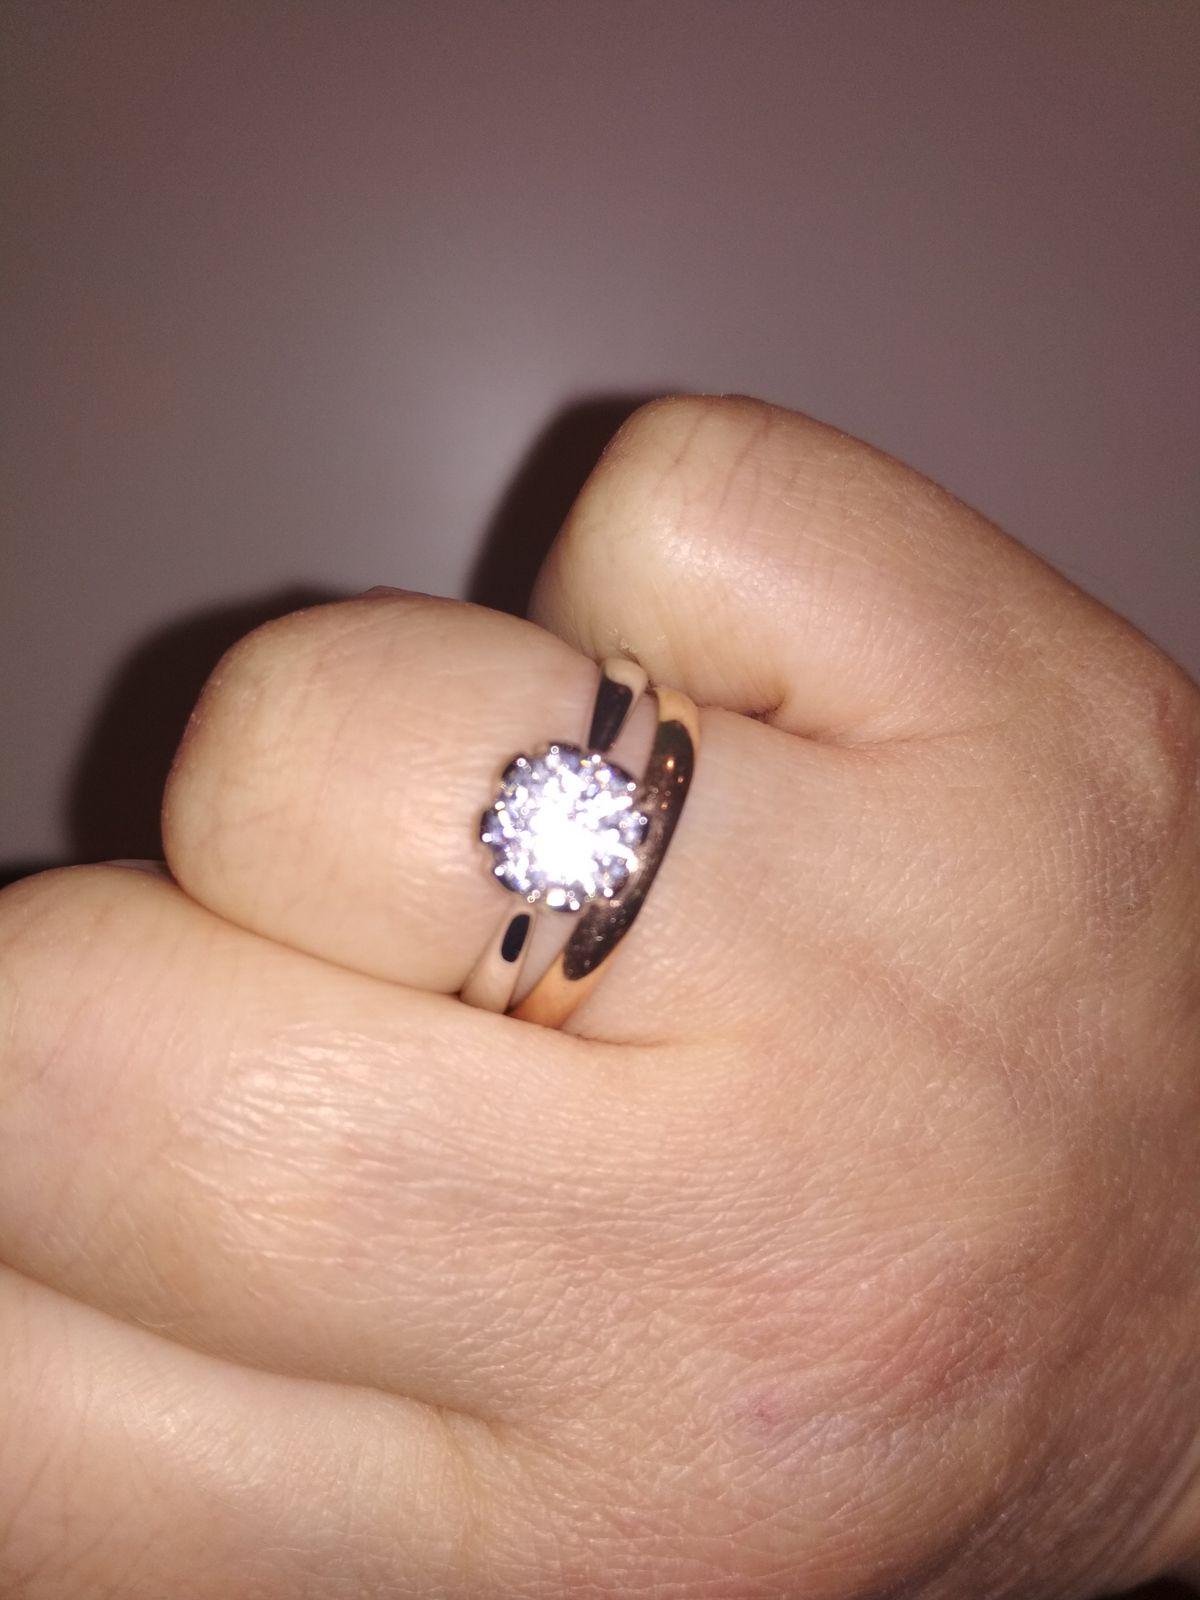 Простое и,в то же время, красивое кольцо.